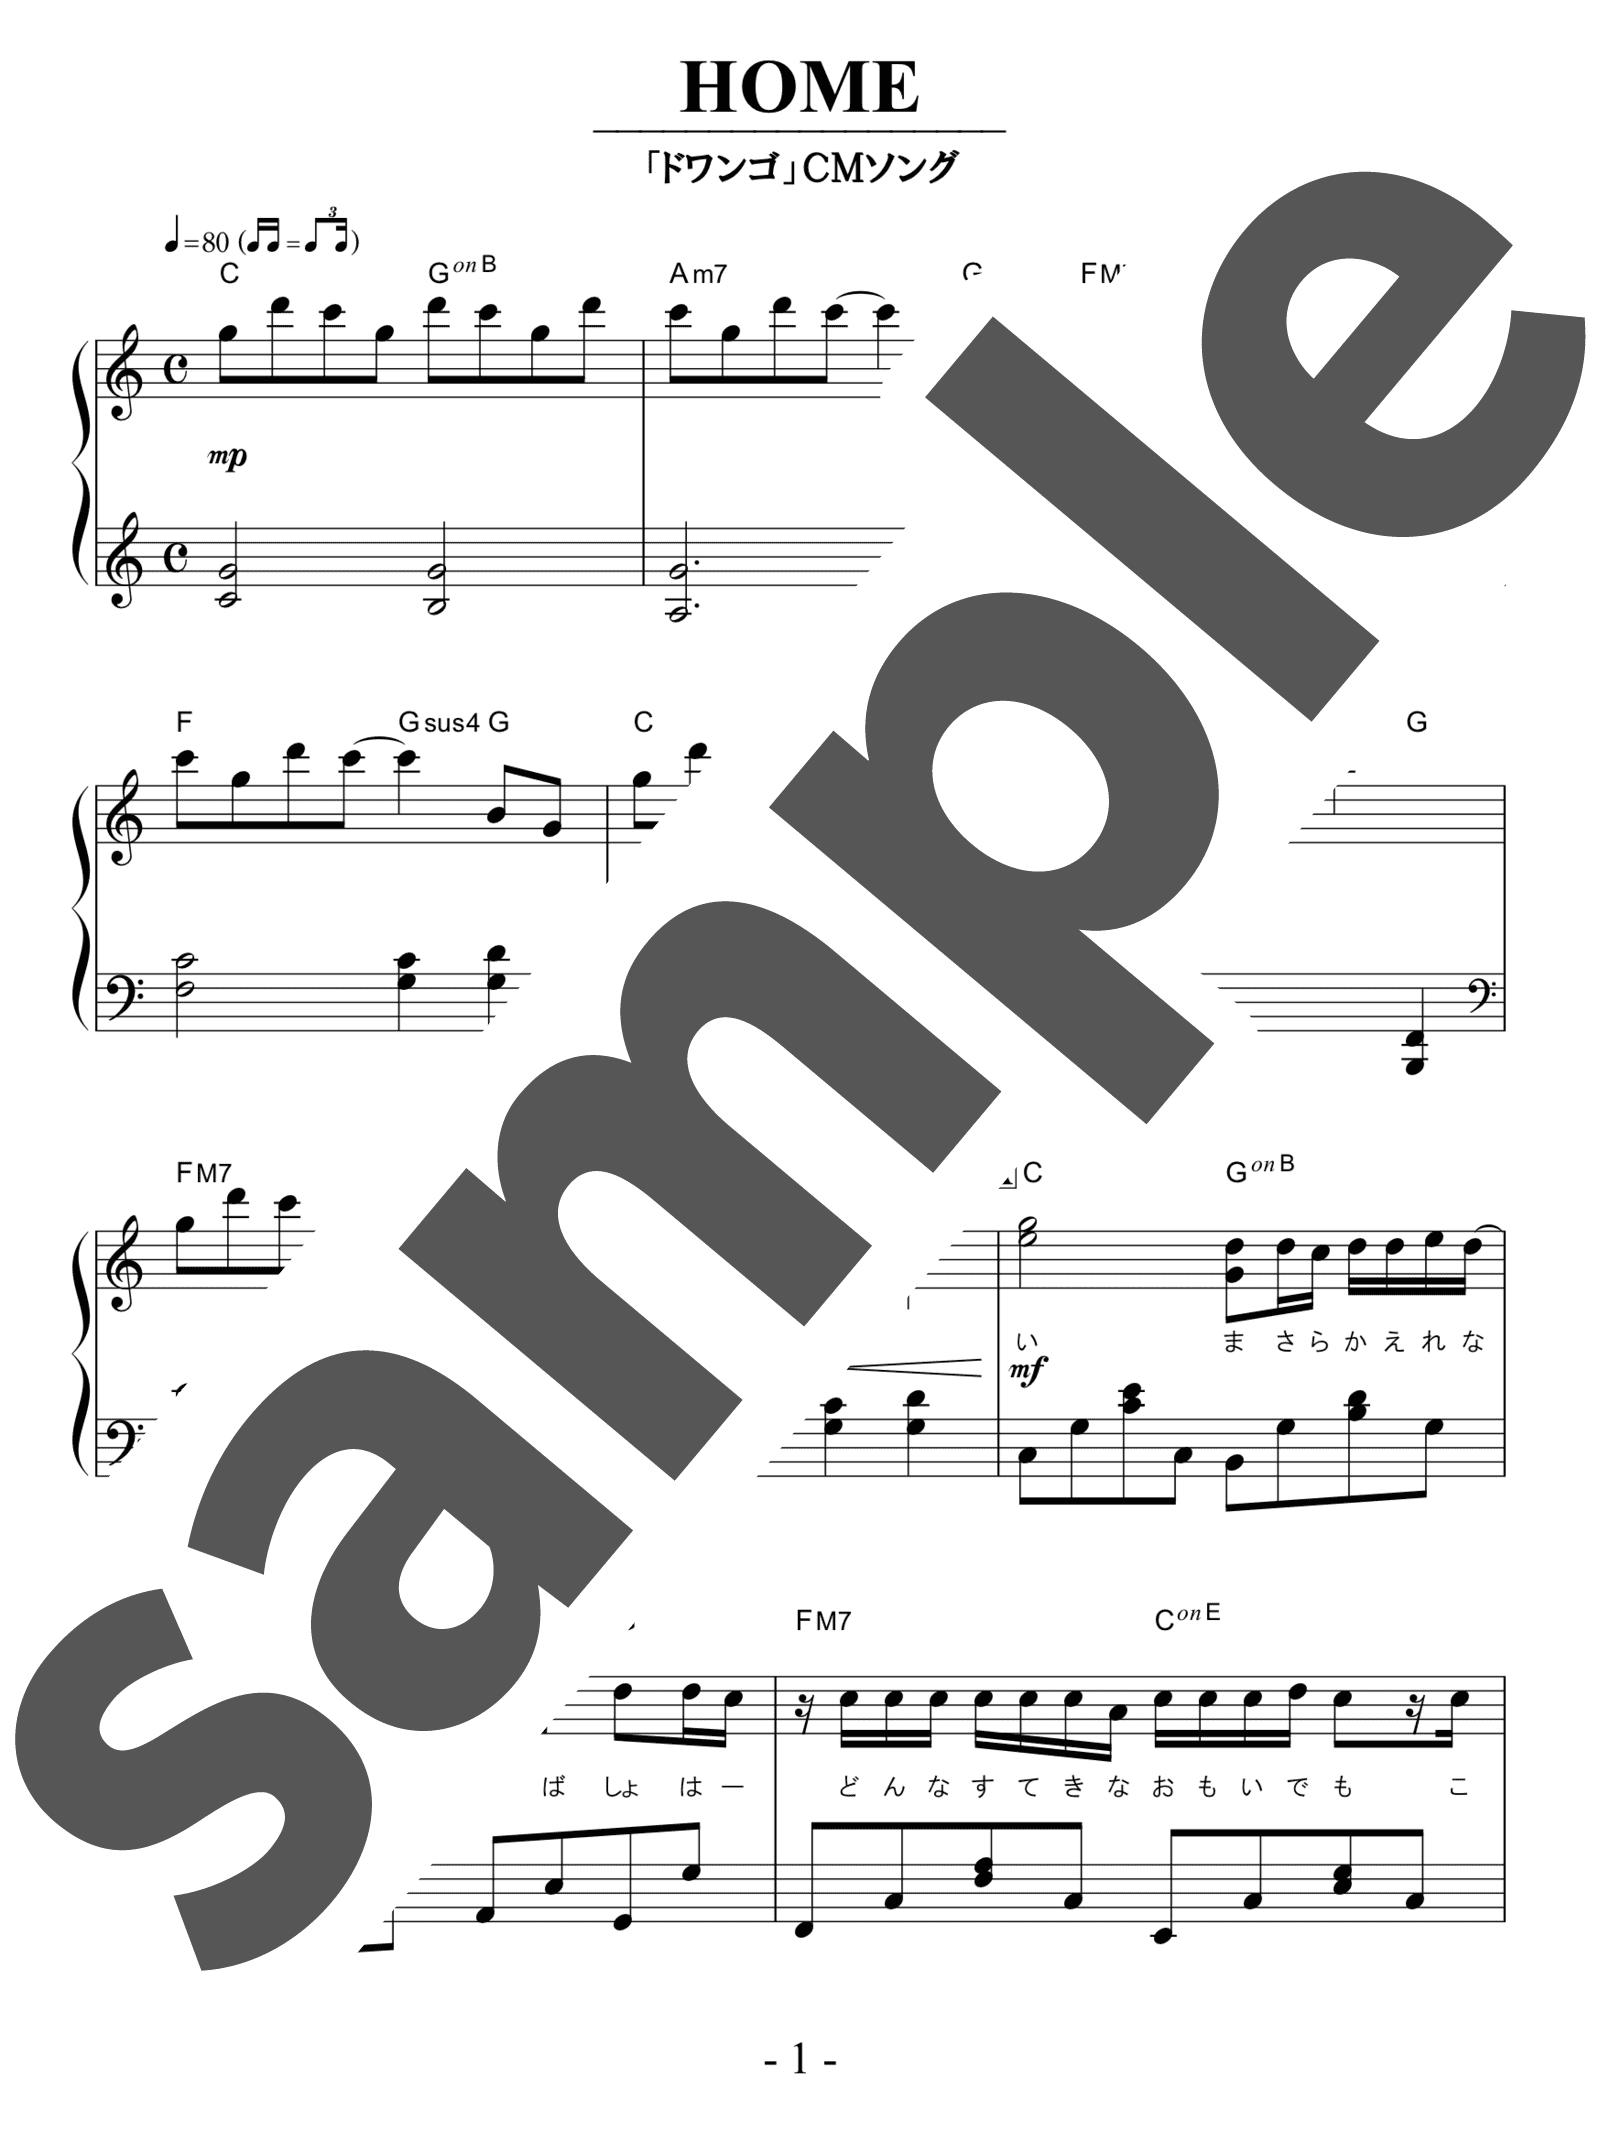 「HOME」のサンプル楽譜